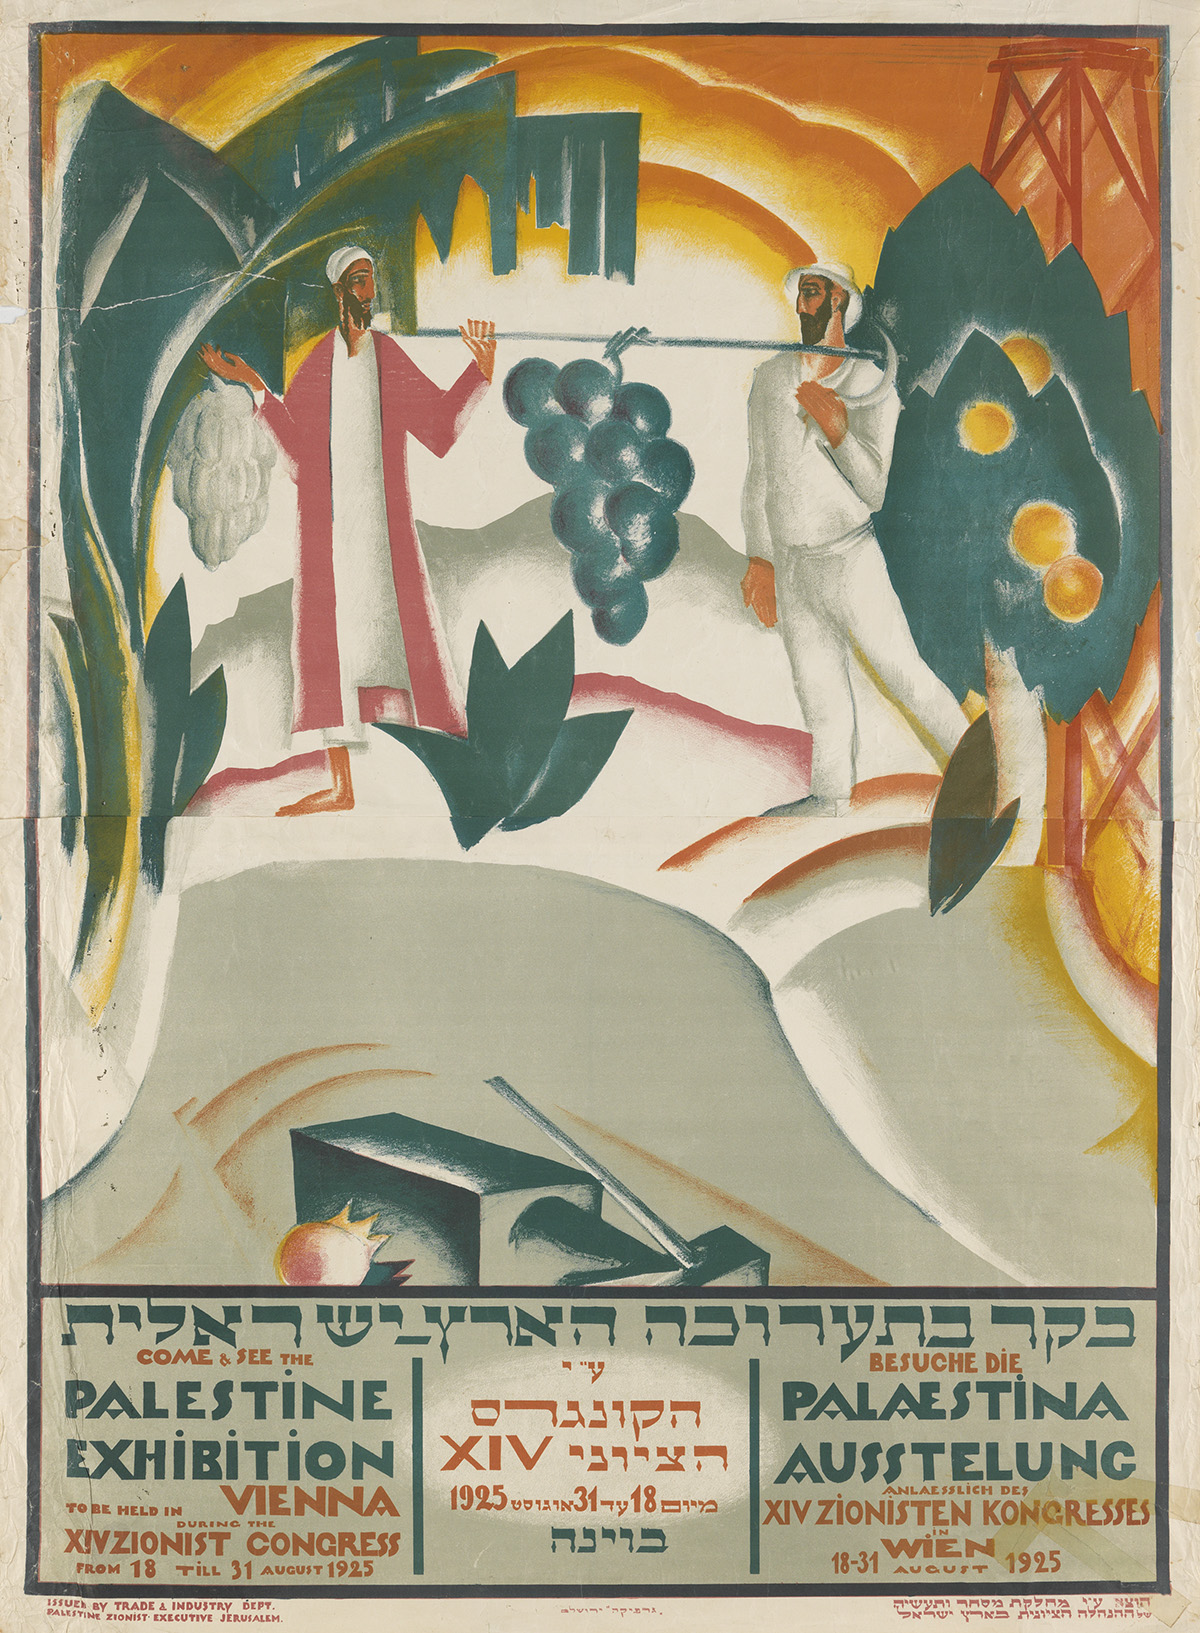 ARYEH EL-HANANI (SAPOZHNIKOV, 1898-1985). THE PALESTINE EXHIBITION VIENNA / XIV ZIONIST CONGRESS. 1925. 37x27 inches, 96x69 cm.